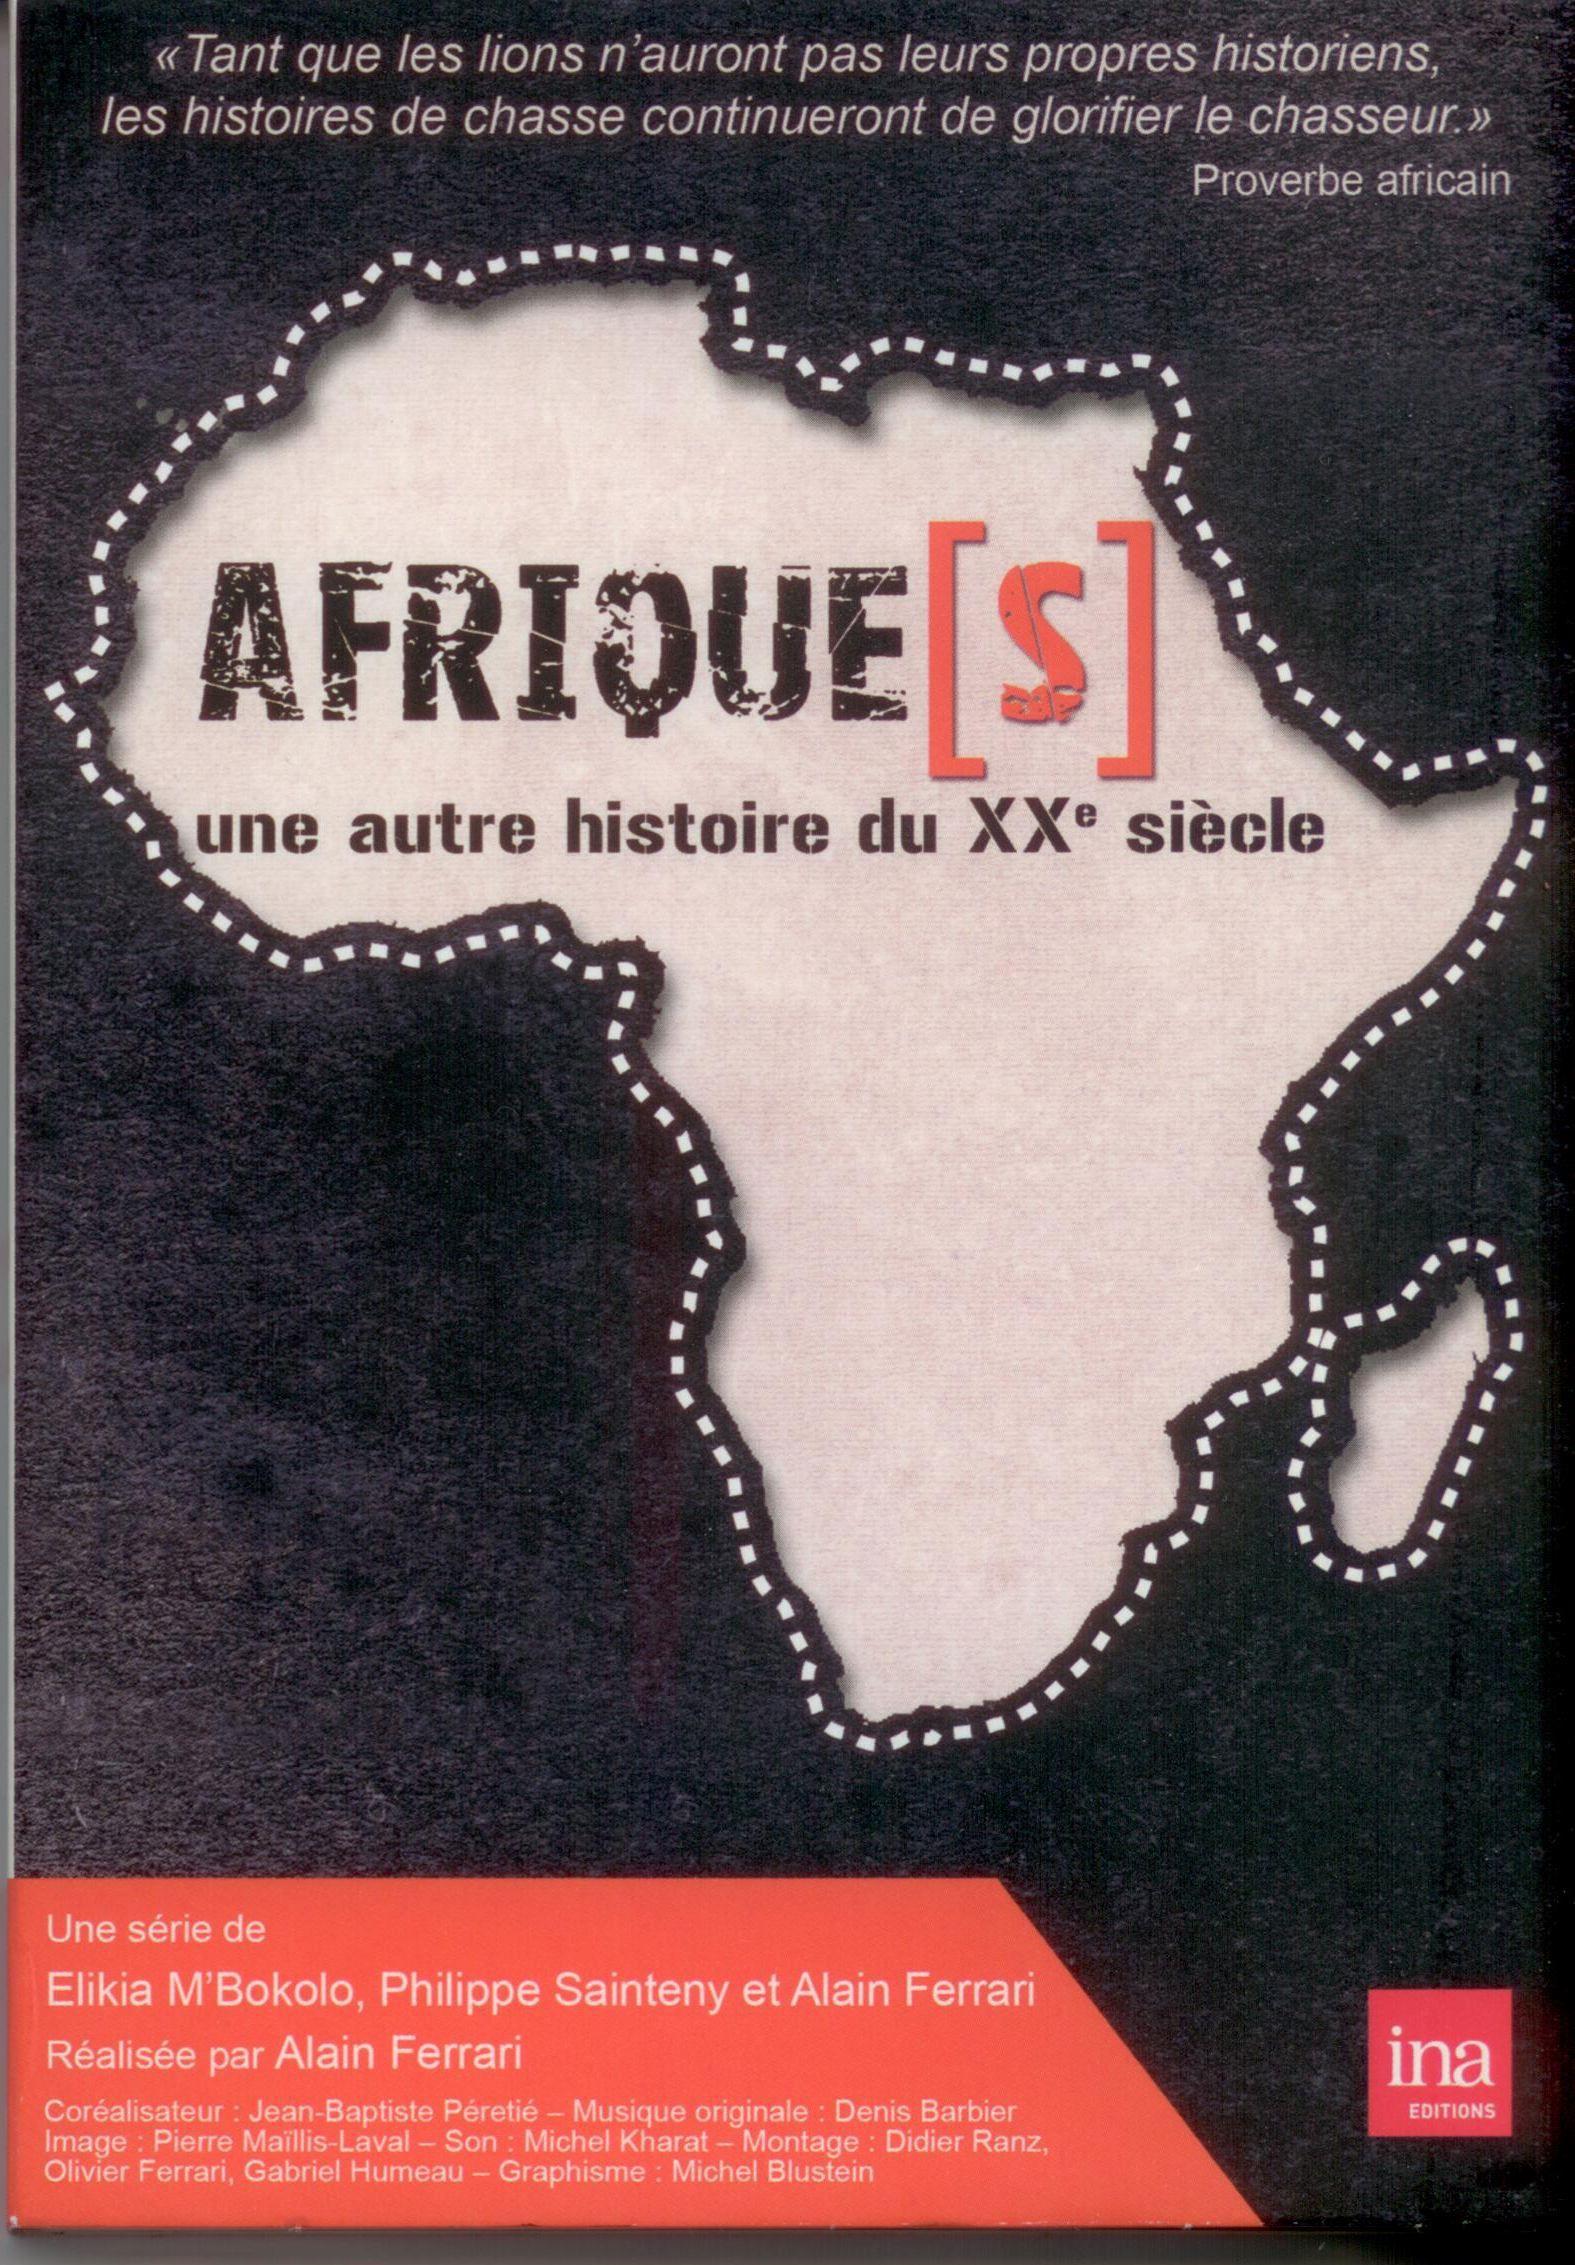 Afrique(s), une autre histoire du XXe siècle - Documentaire (2010)